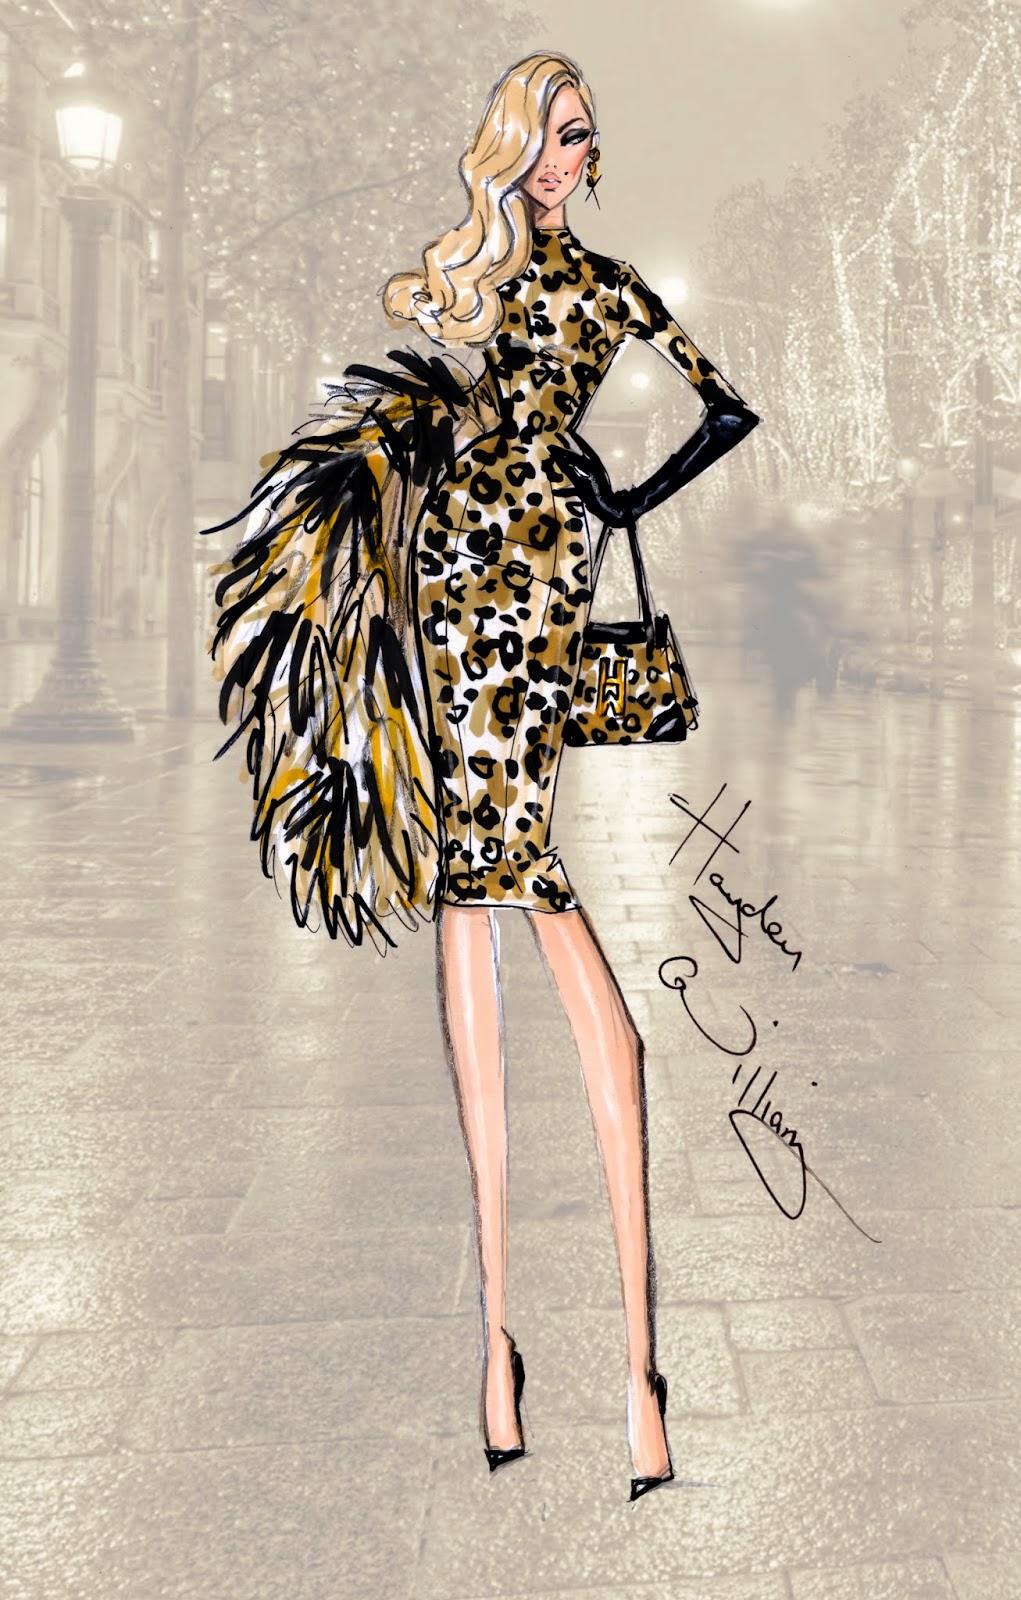 Hayden Williams Fashion Illustrations: September 2013